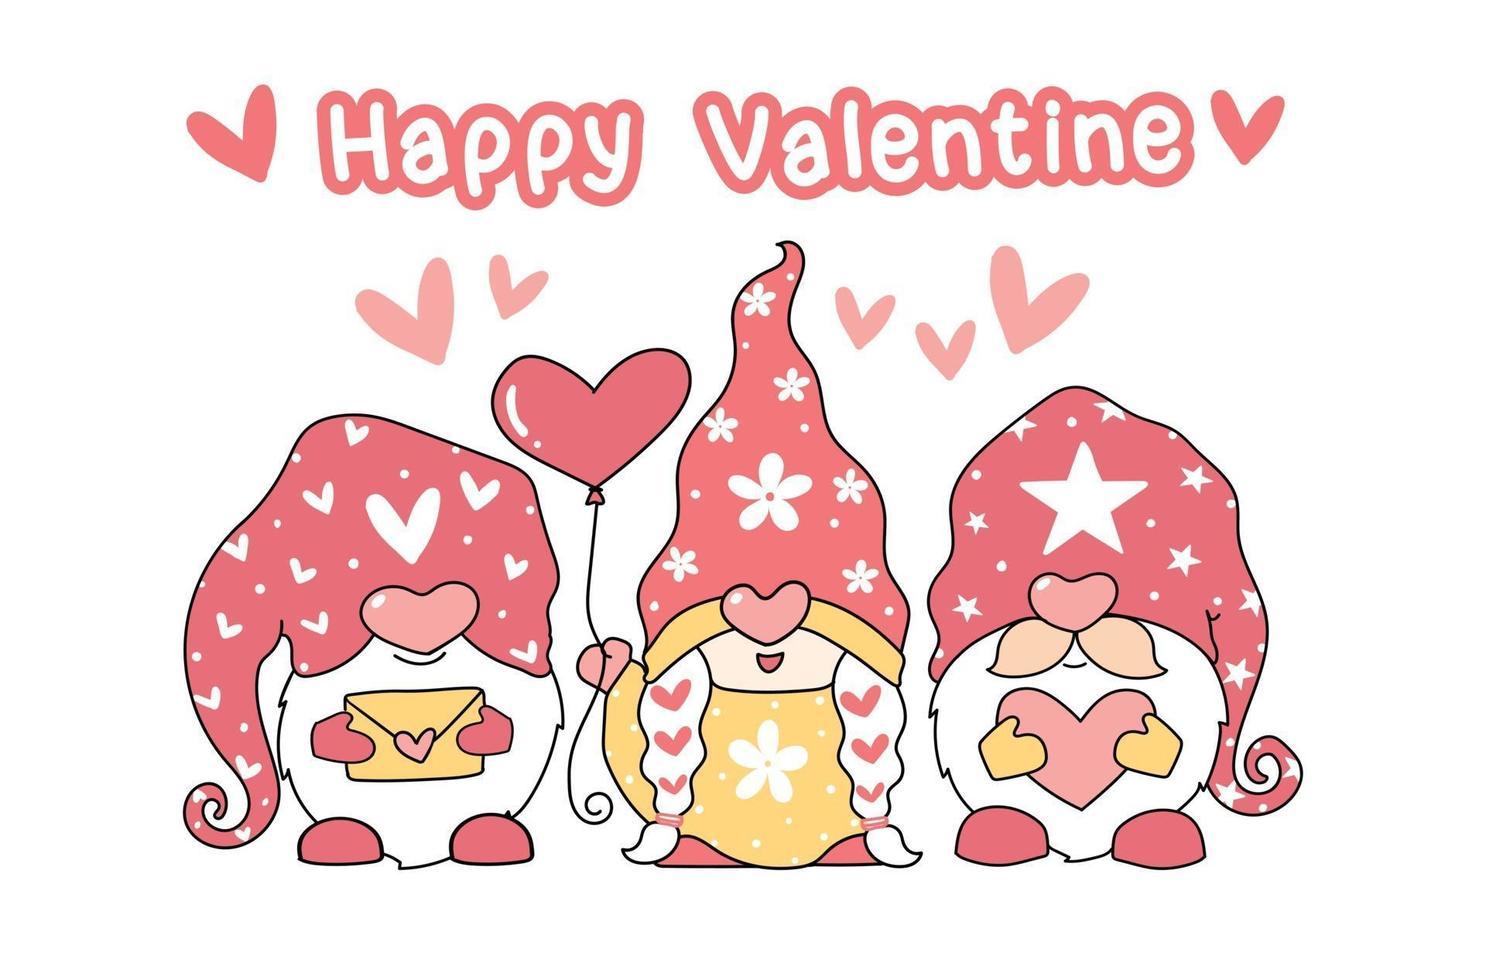 schattige kabouters met een hartvormige ballon en liefdesbrieven vector